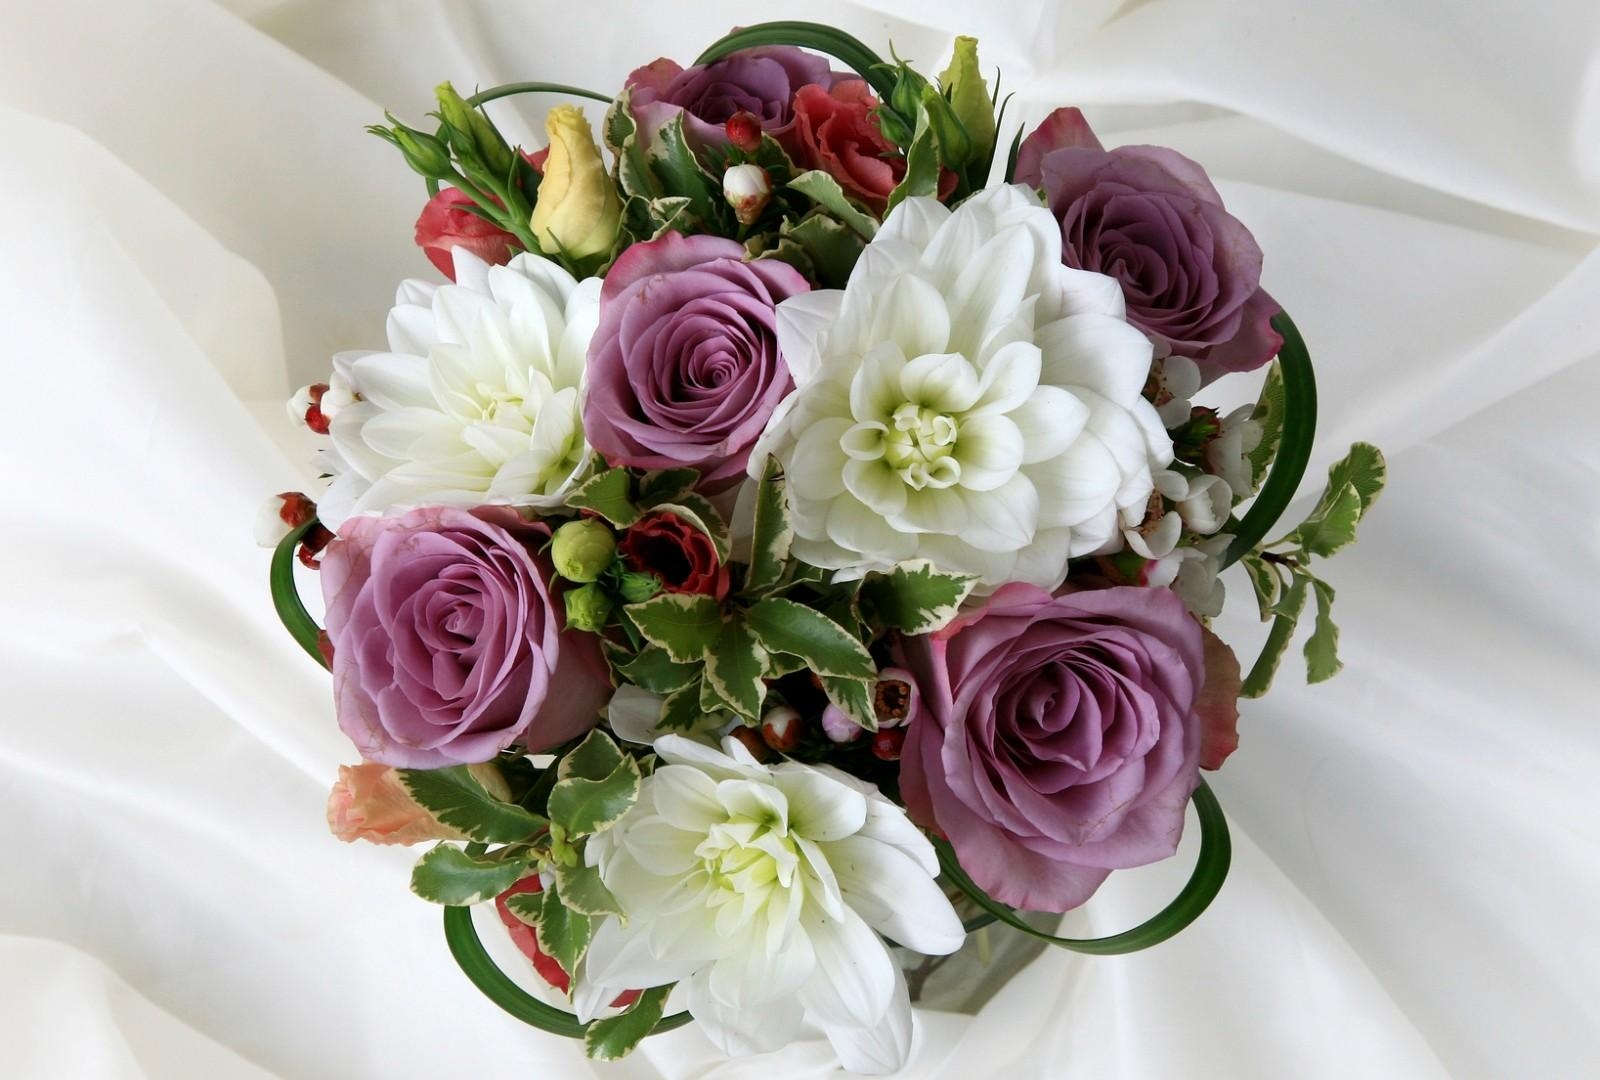 118587 скачать обои Цветы, Лизиантус Рассела, Букет, Оформление, Розы - заставки и картинки бесплатно